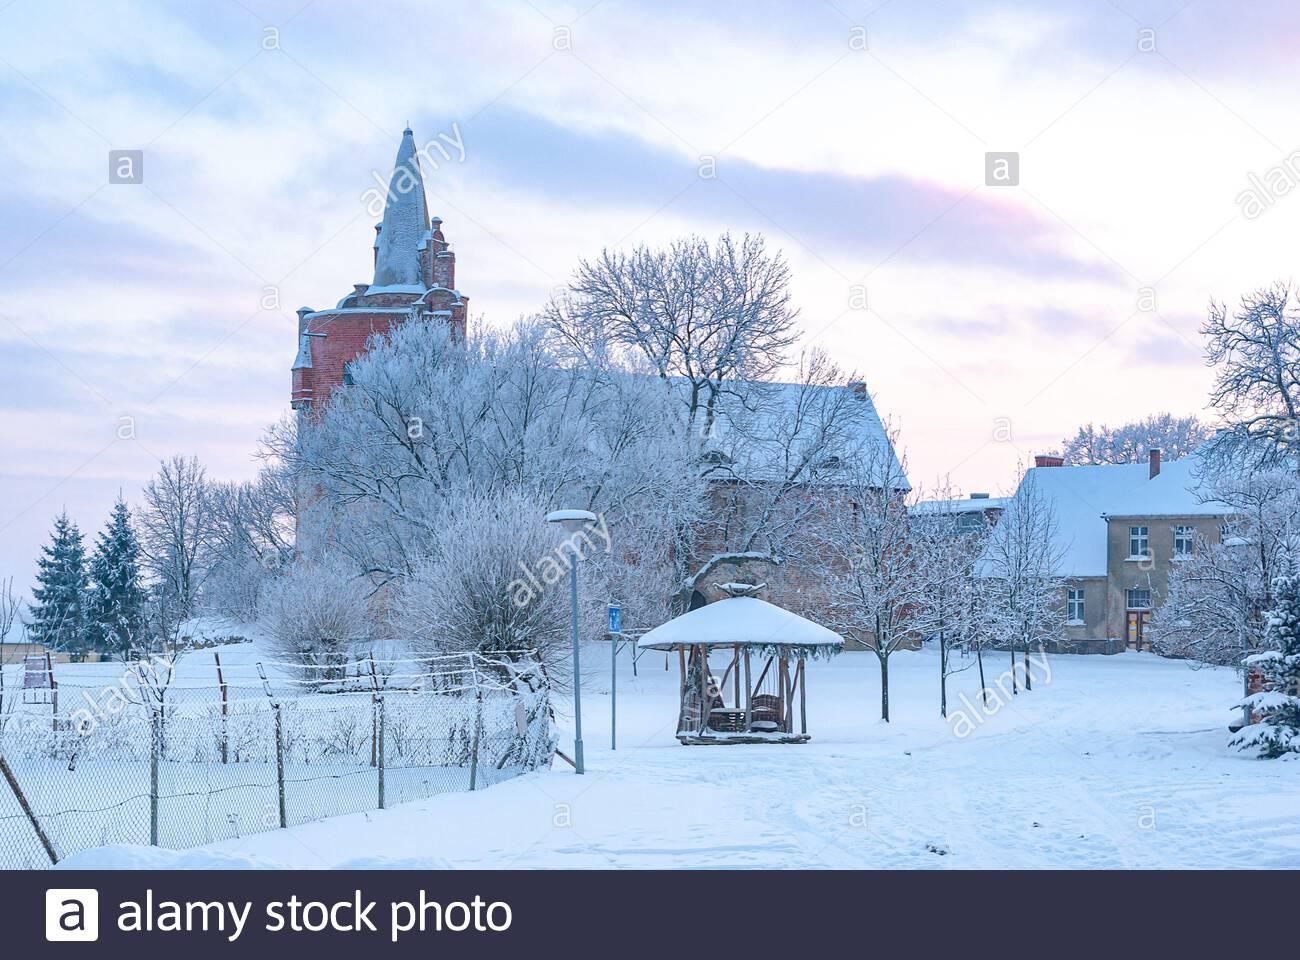 Winterliche Klempenow Klempenow Burg (Burg) in Mecklenburg-Vorpommern, Deutschland. Stockfoto